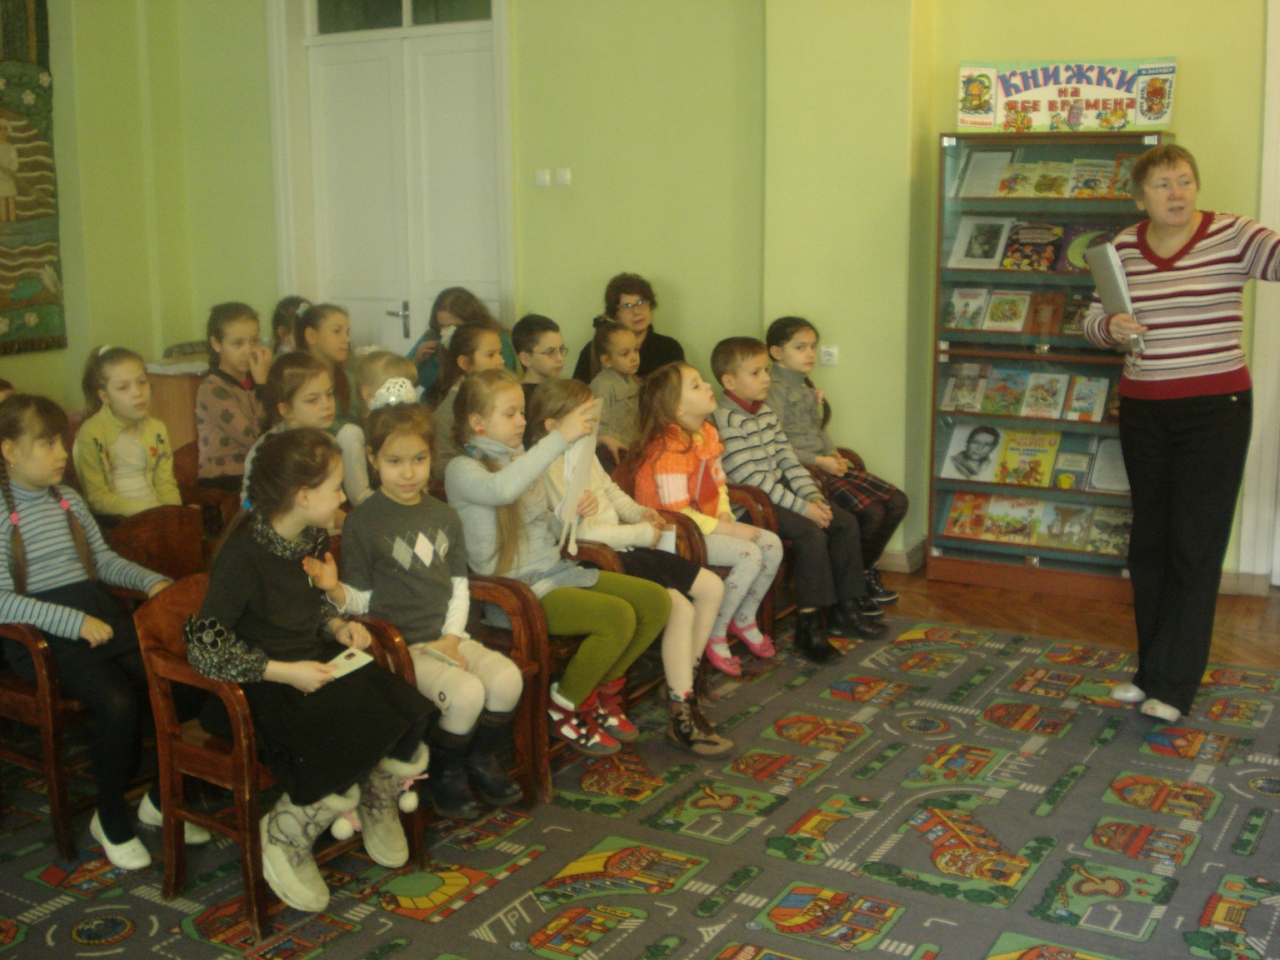 однажды в сказке,международный день детской книги,день рождения андерсена,донецкая республиканская библиотека для детей